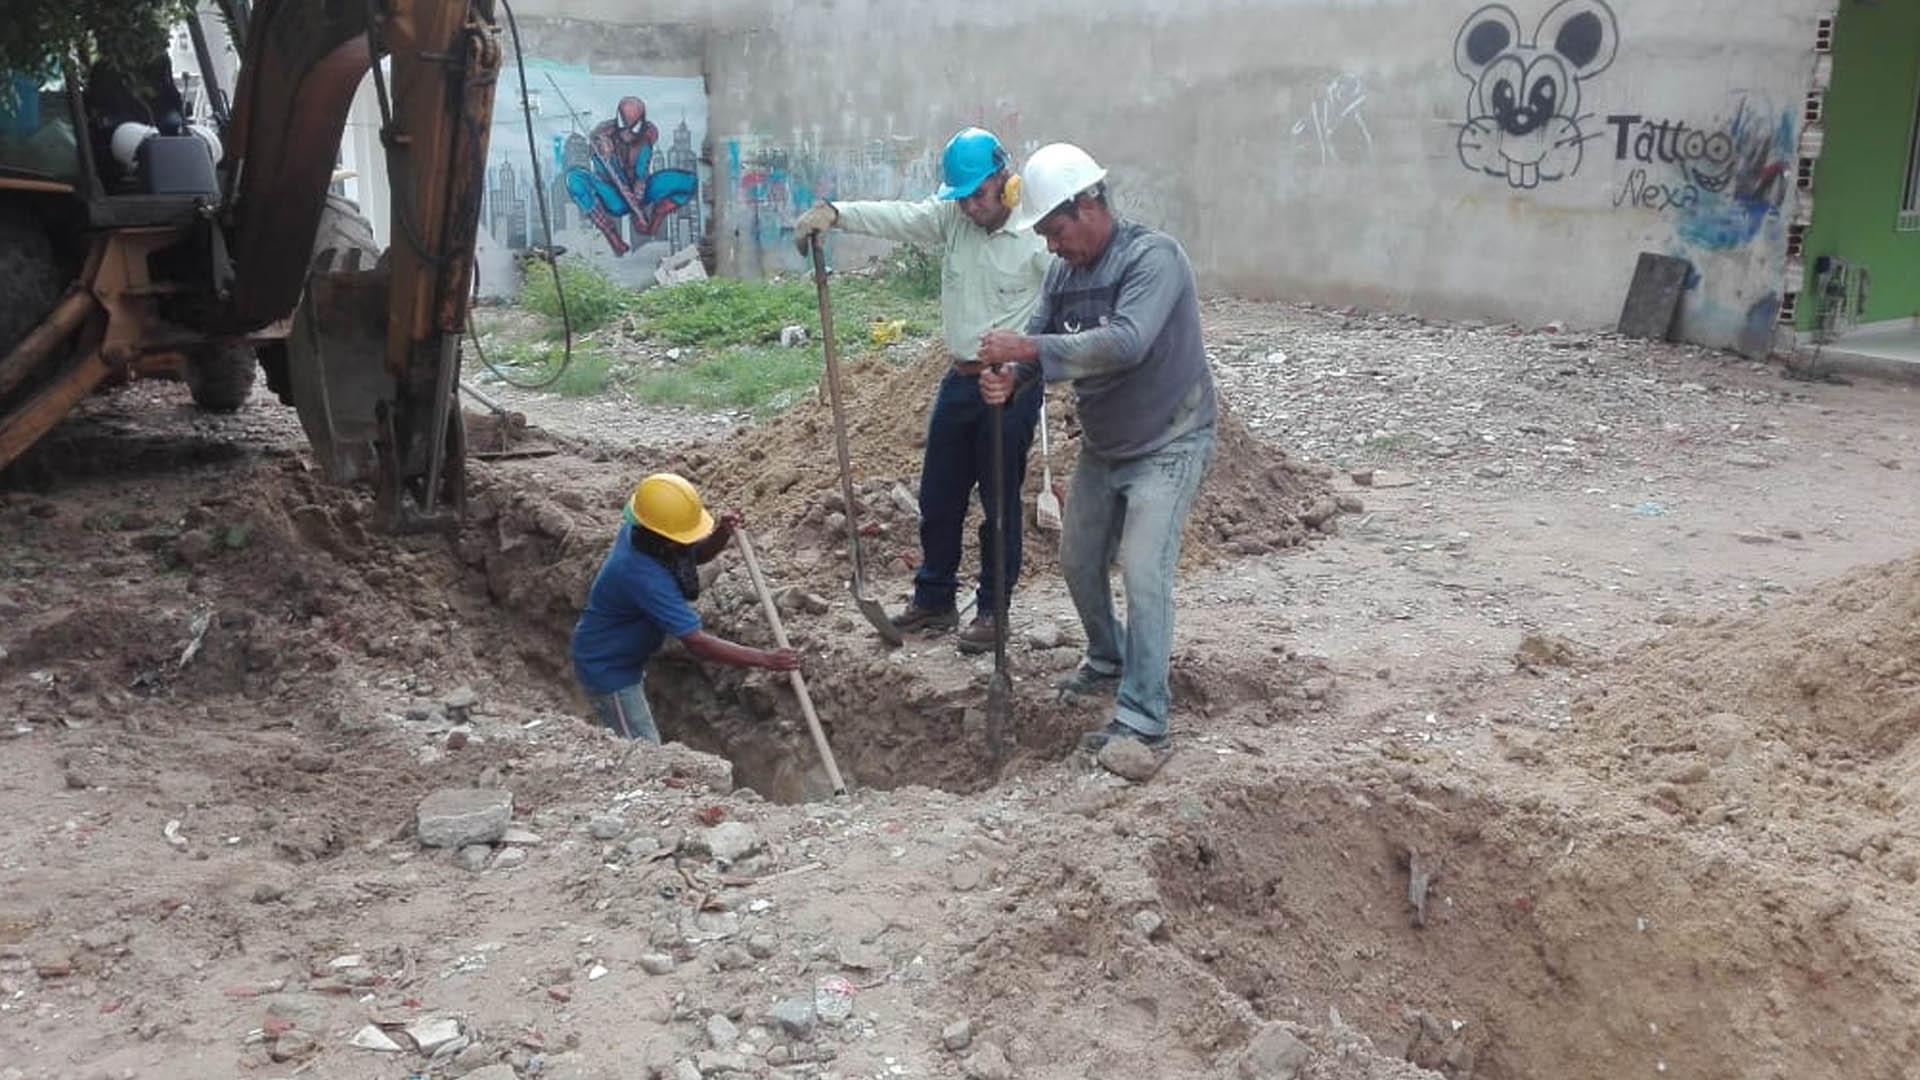 Operarios trabajan en el daño de la tubería de gas en Soledad. |